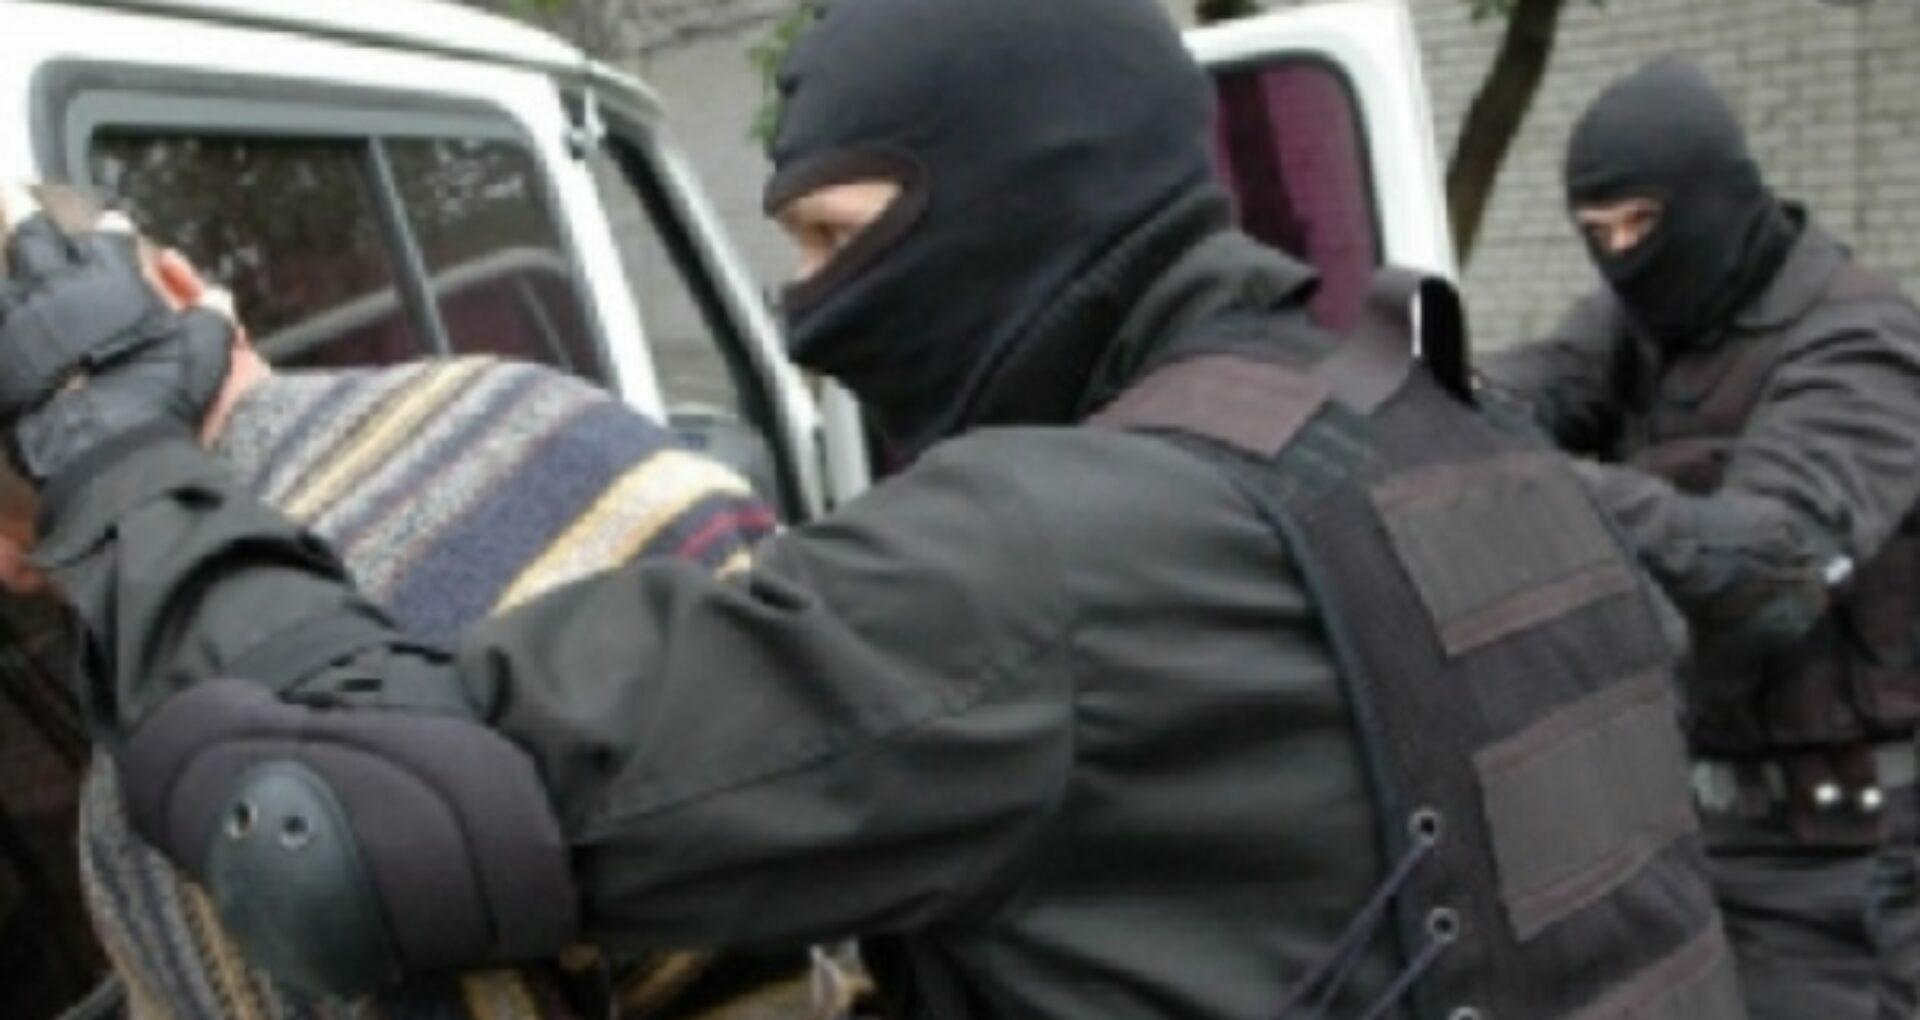 Cetățeanul răpit de așa zisele forțe de ordin de la Tiraspol a fost eliberat, anunță autoritățile de la Chișinău